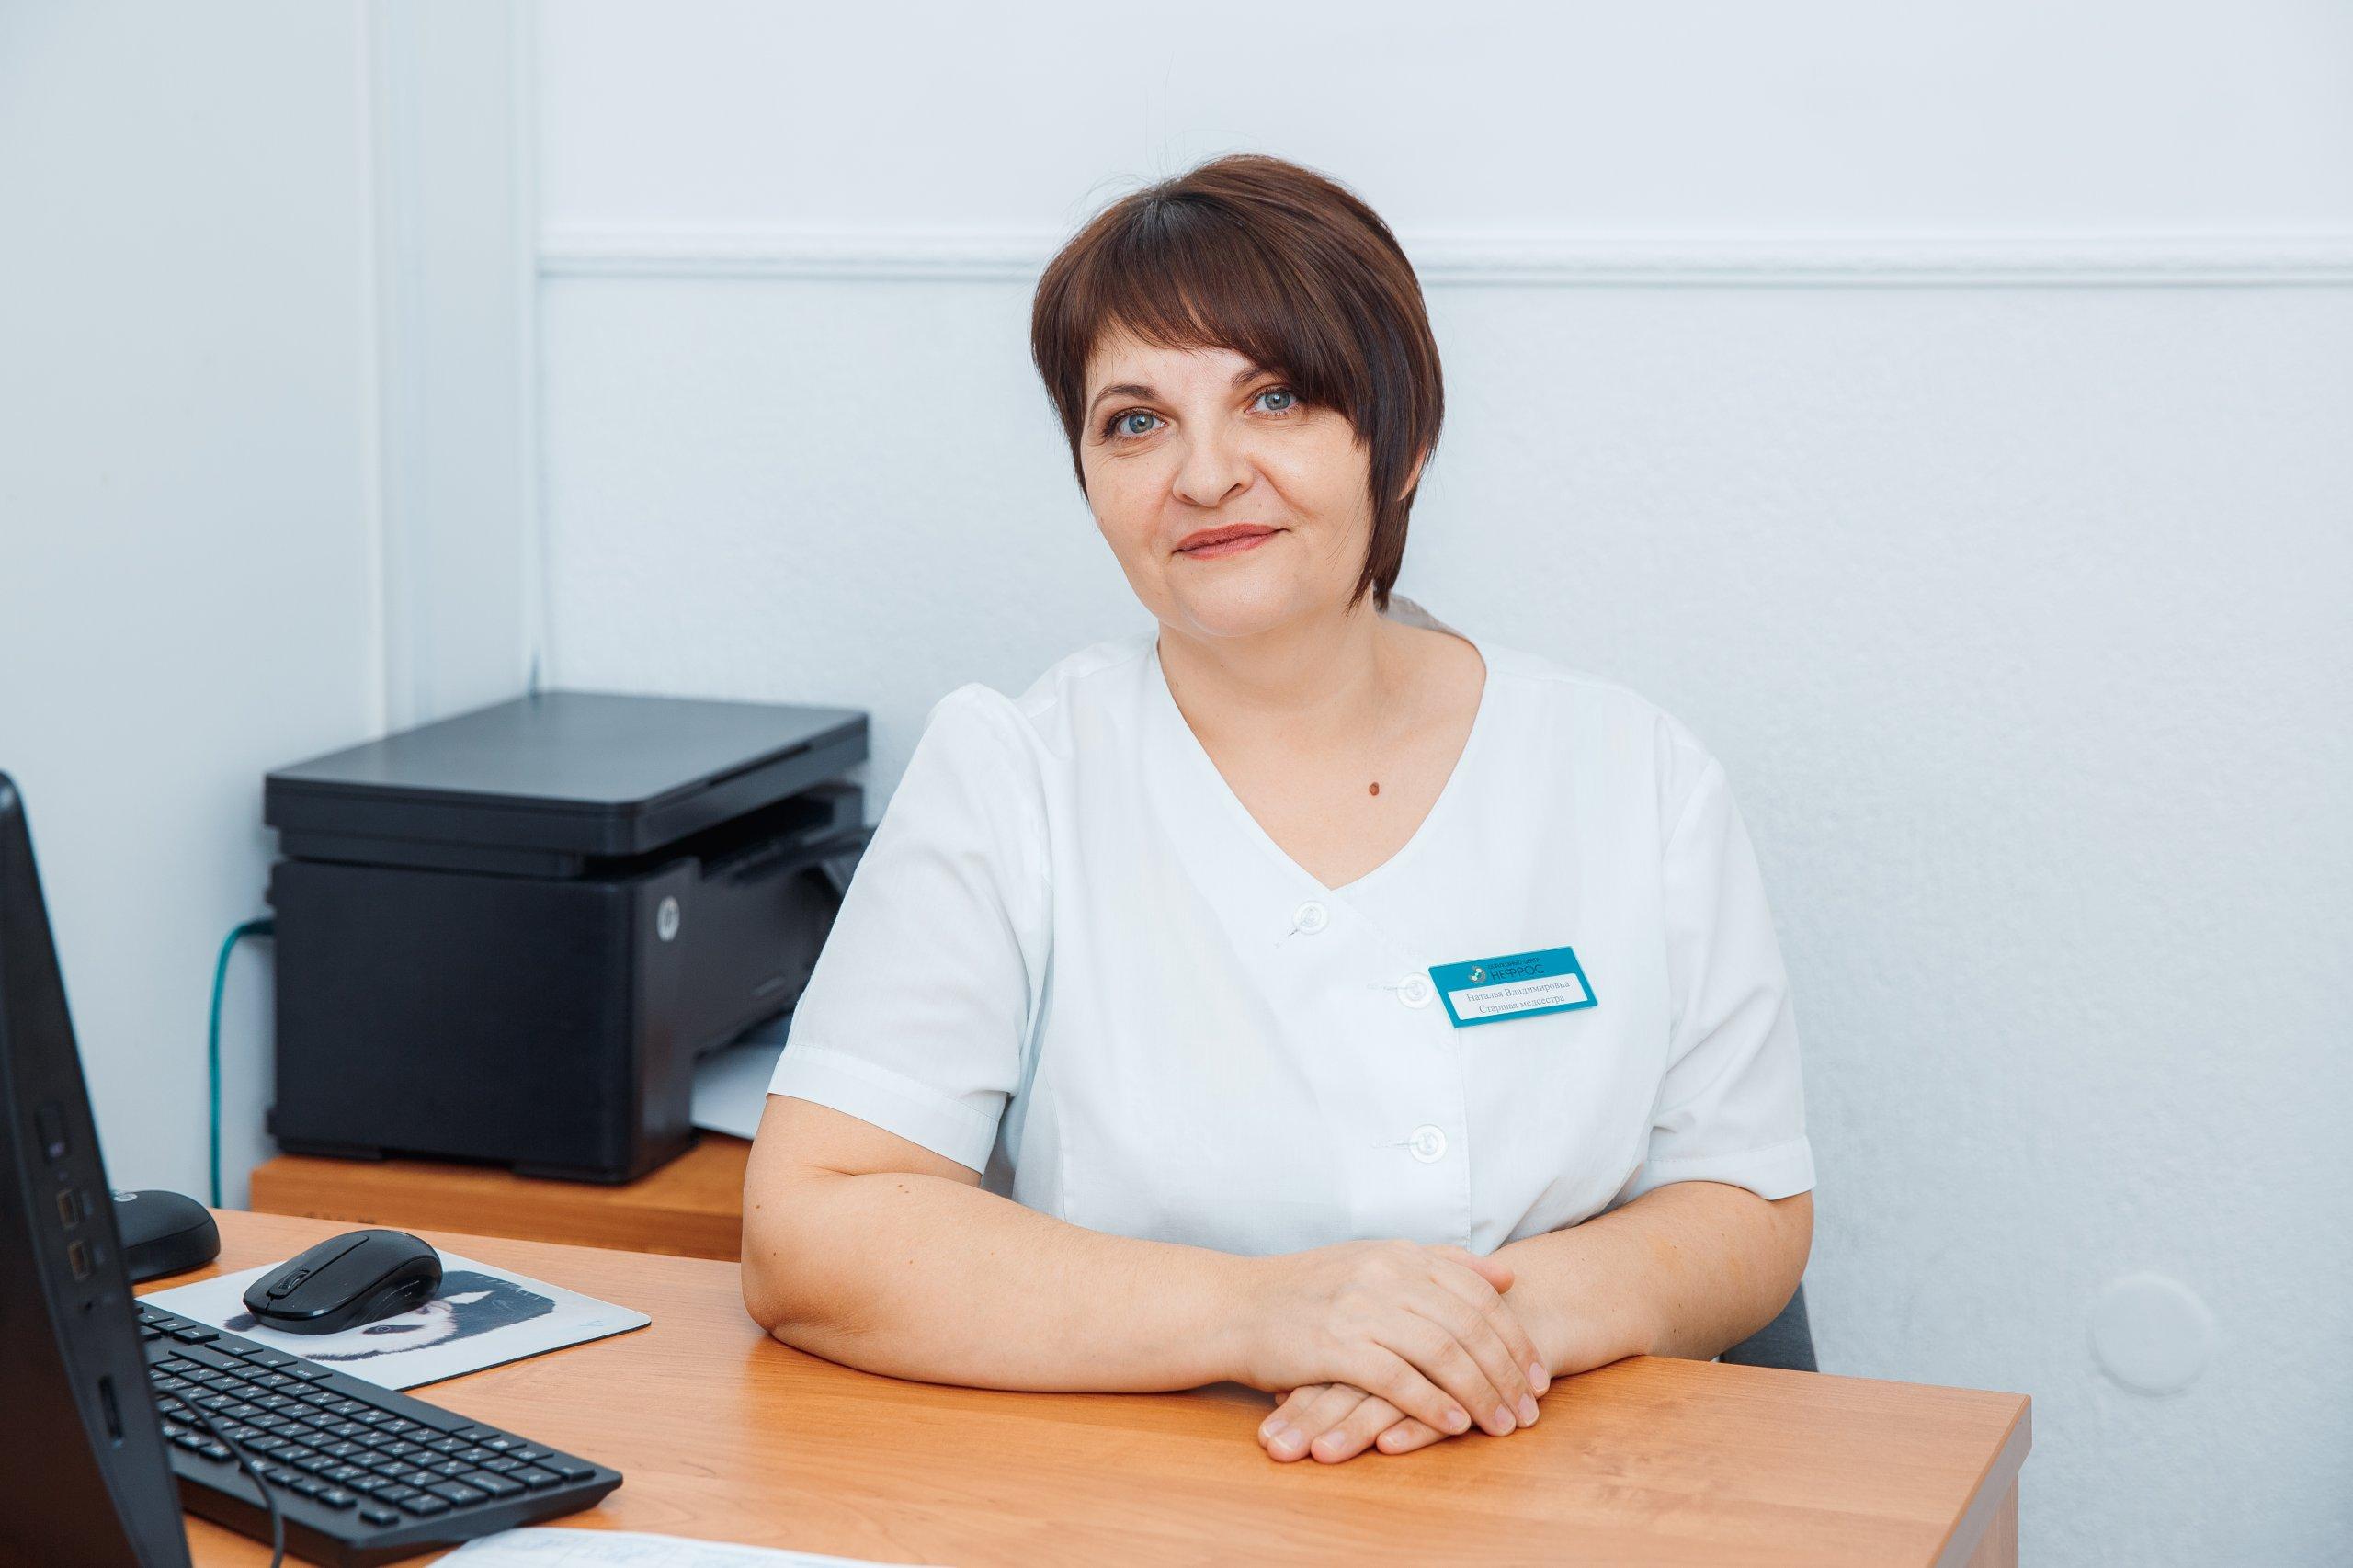 Кутенко Наталья Владимировна